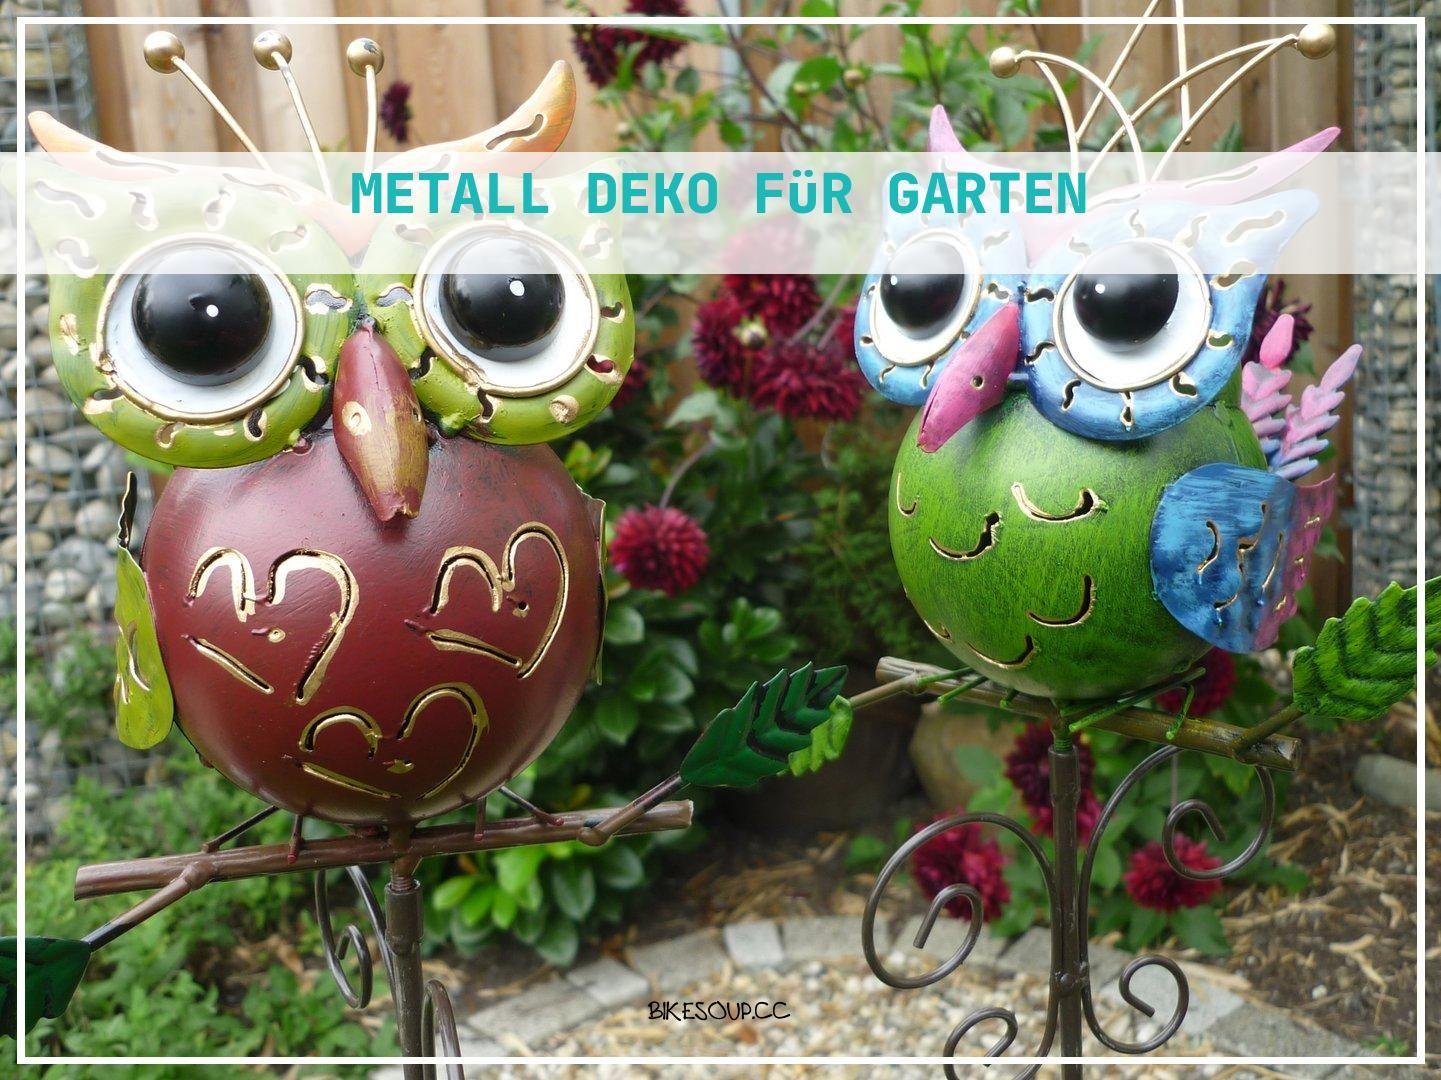 86 Schön Metall Deko Für Garten Deko Garten Deko Grillplatz Im Garten